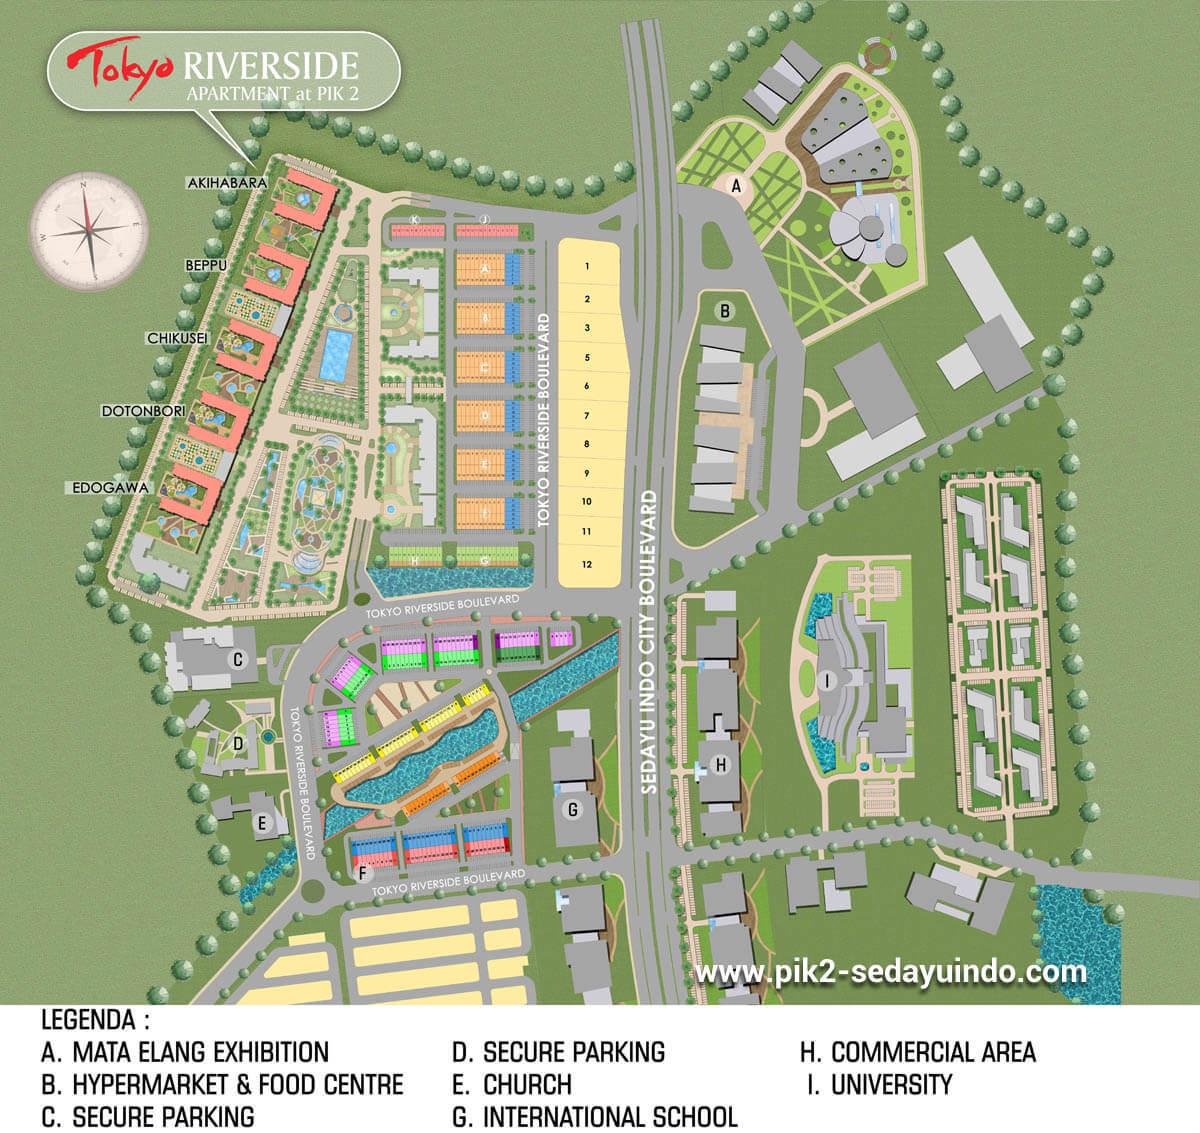 Master Plan Apartemen PIK 2 Jakarta